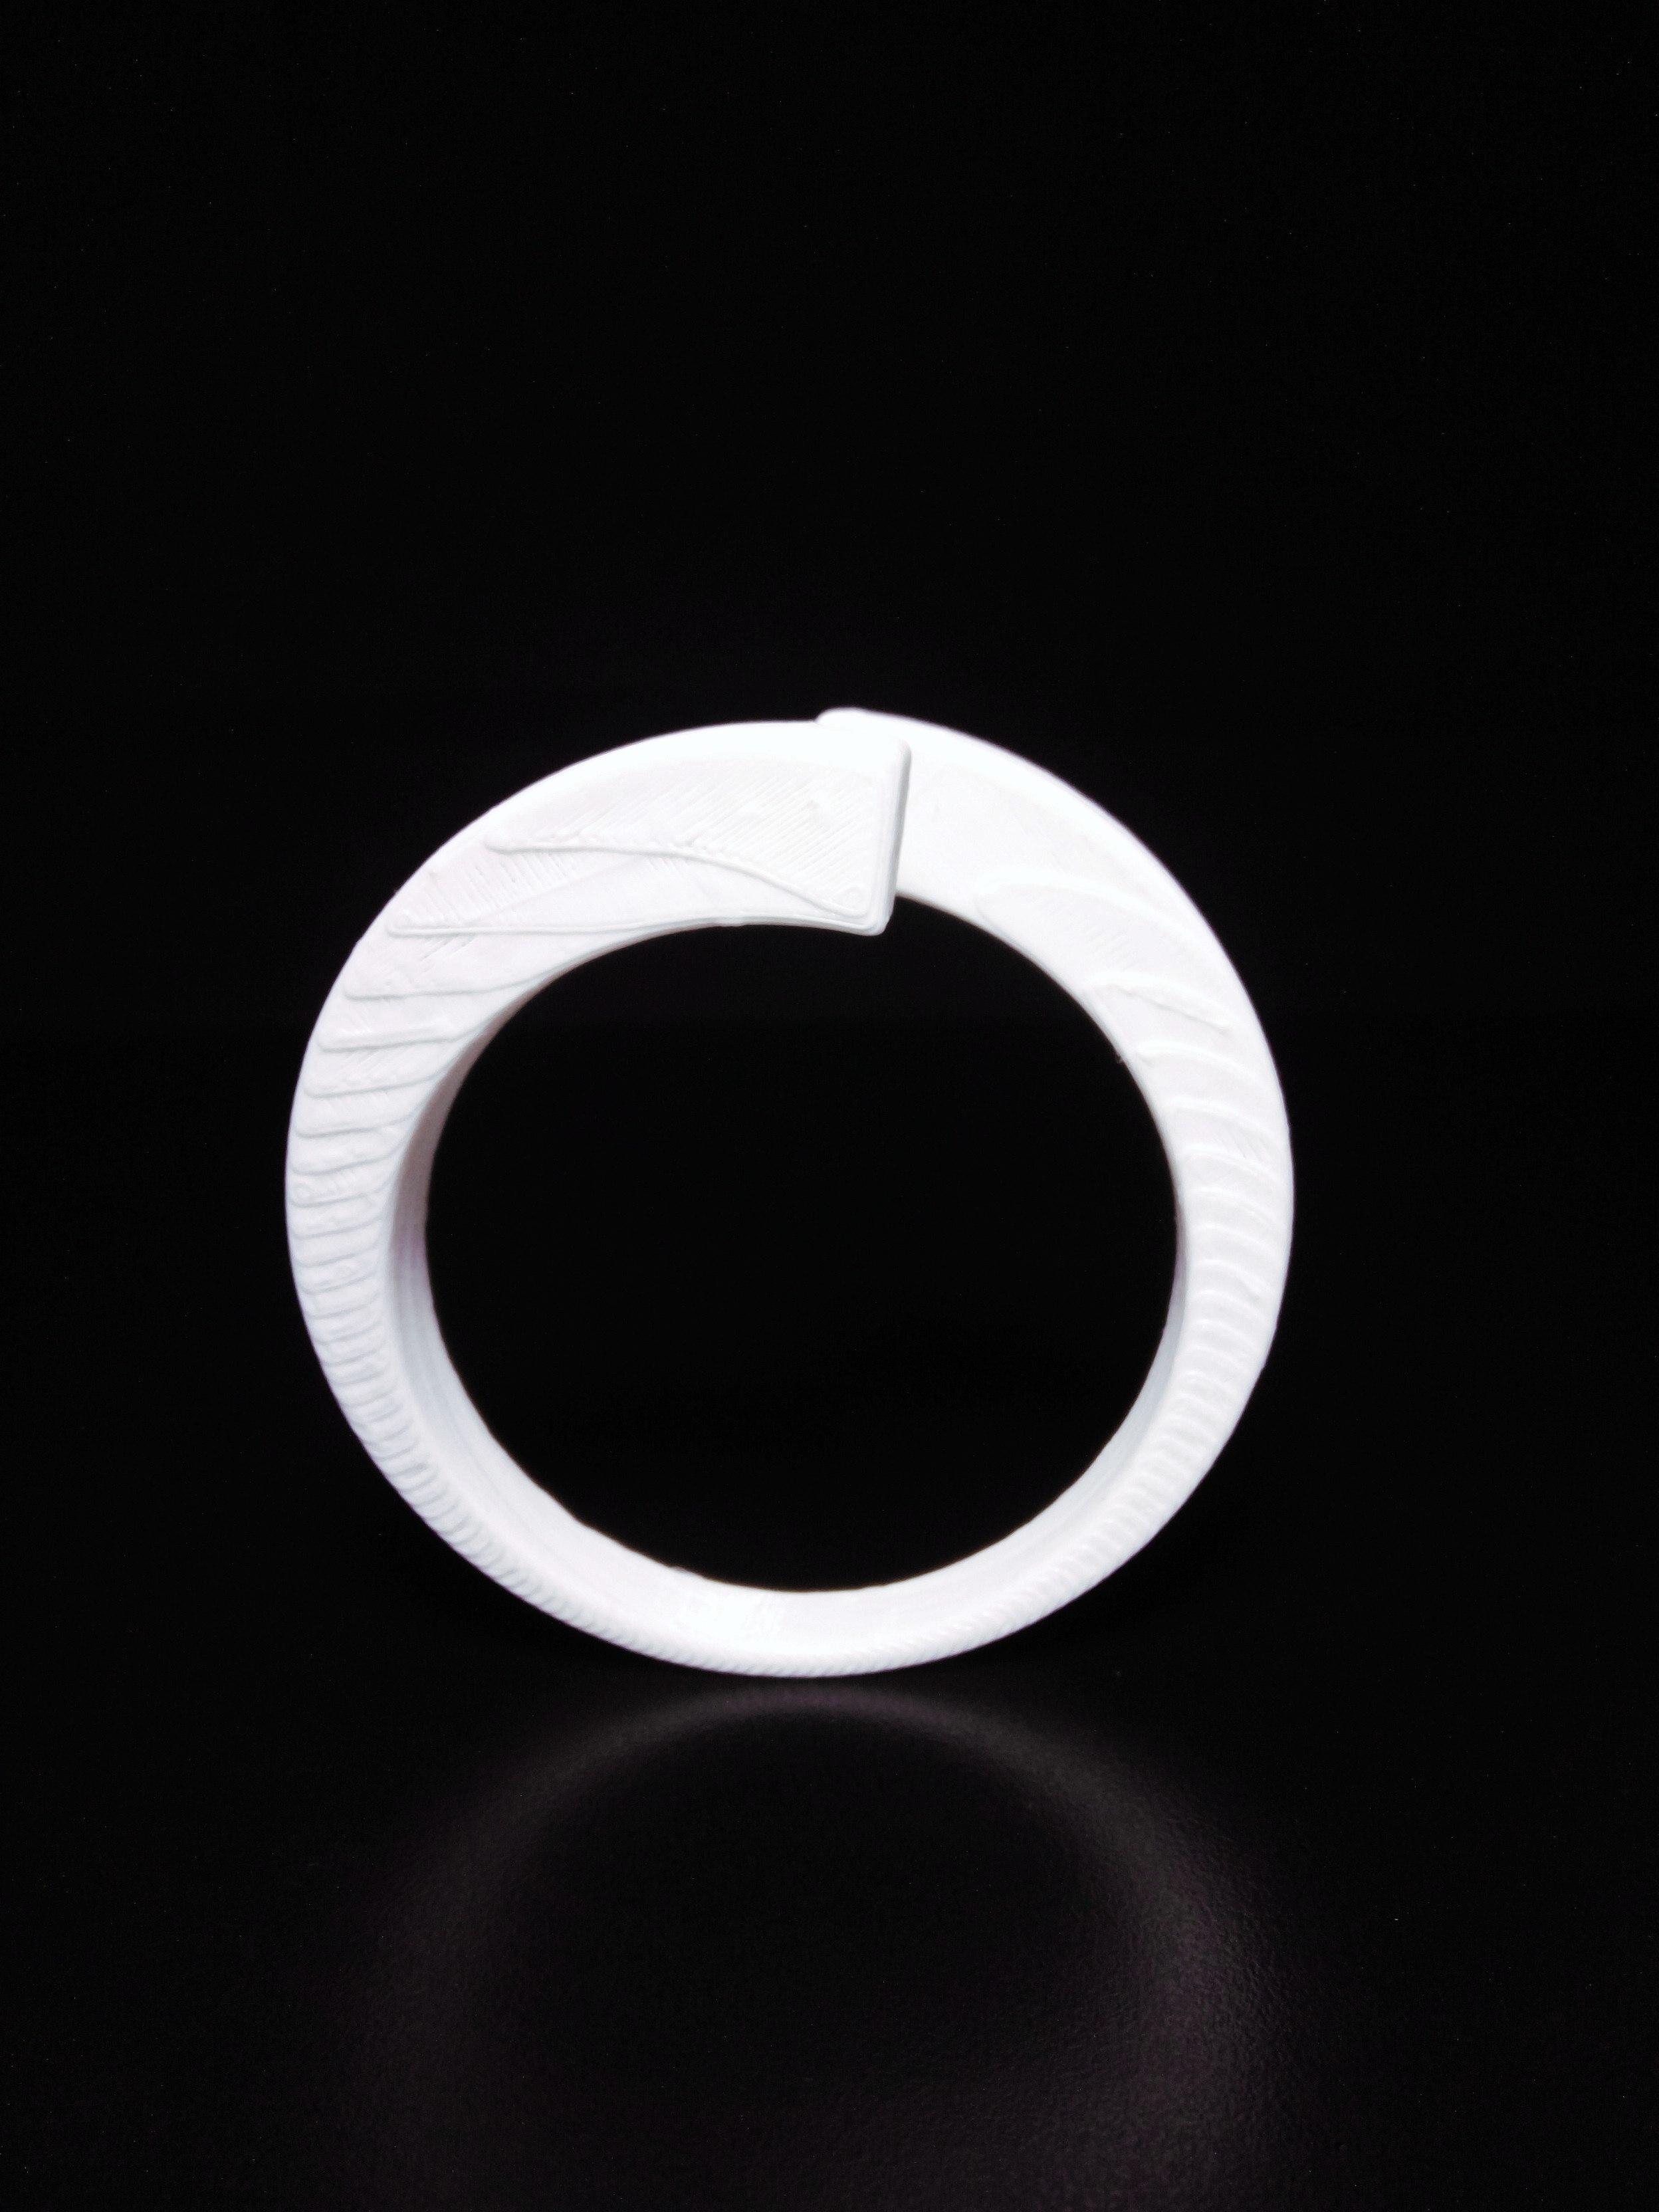 b0a221fdab022c2b8516e8229f7c6739f4427ea8.jpg Download STL file Ring Uniq • 3D print design, siSco